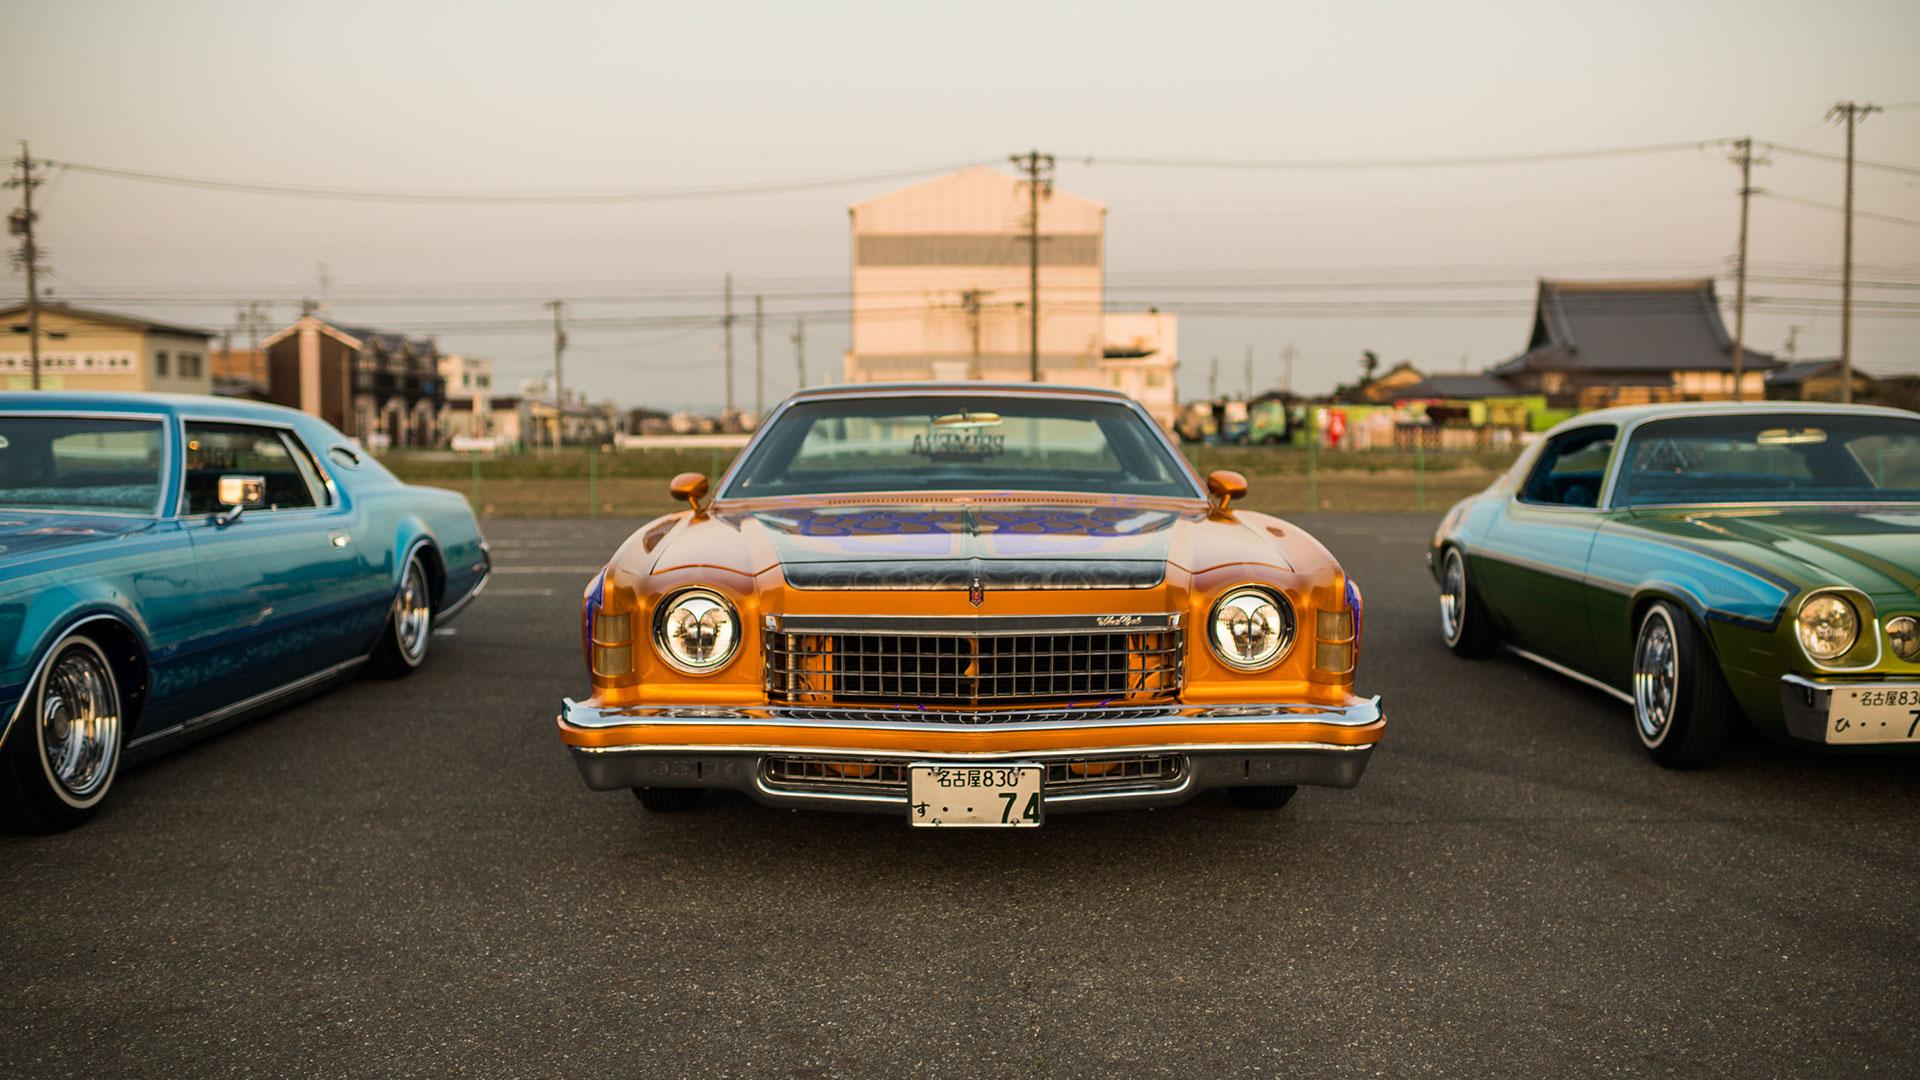 Una fila de automóviles lowrider en el estacionamiento fuera del club Paradise Road en Nagoya (The New York Times)